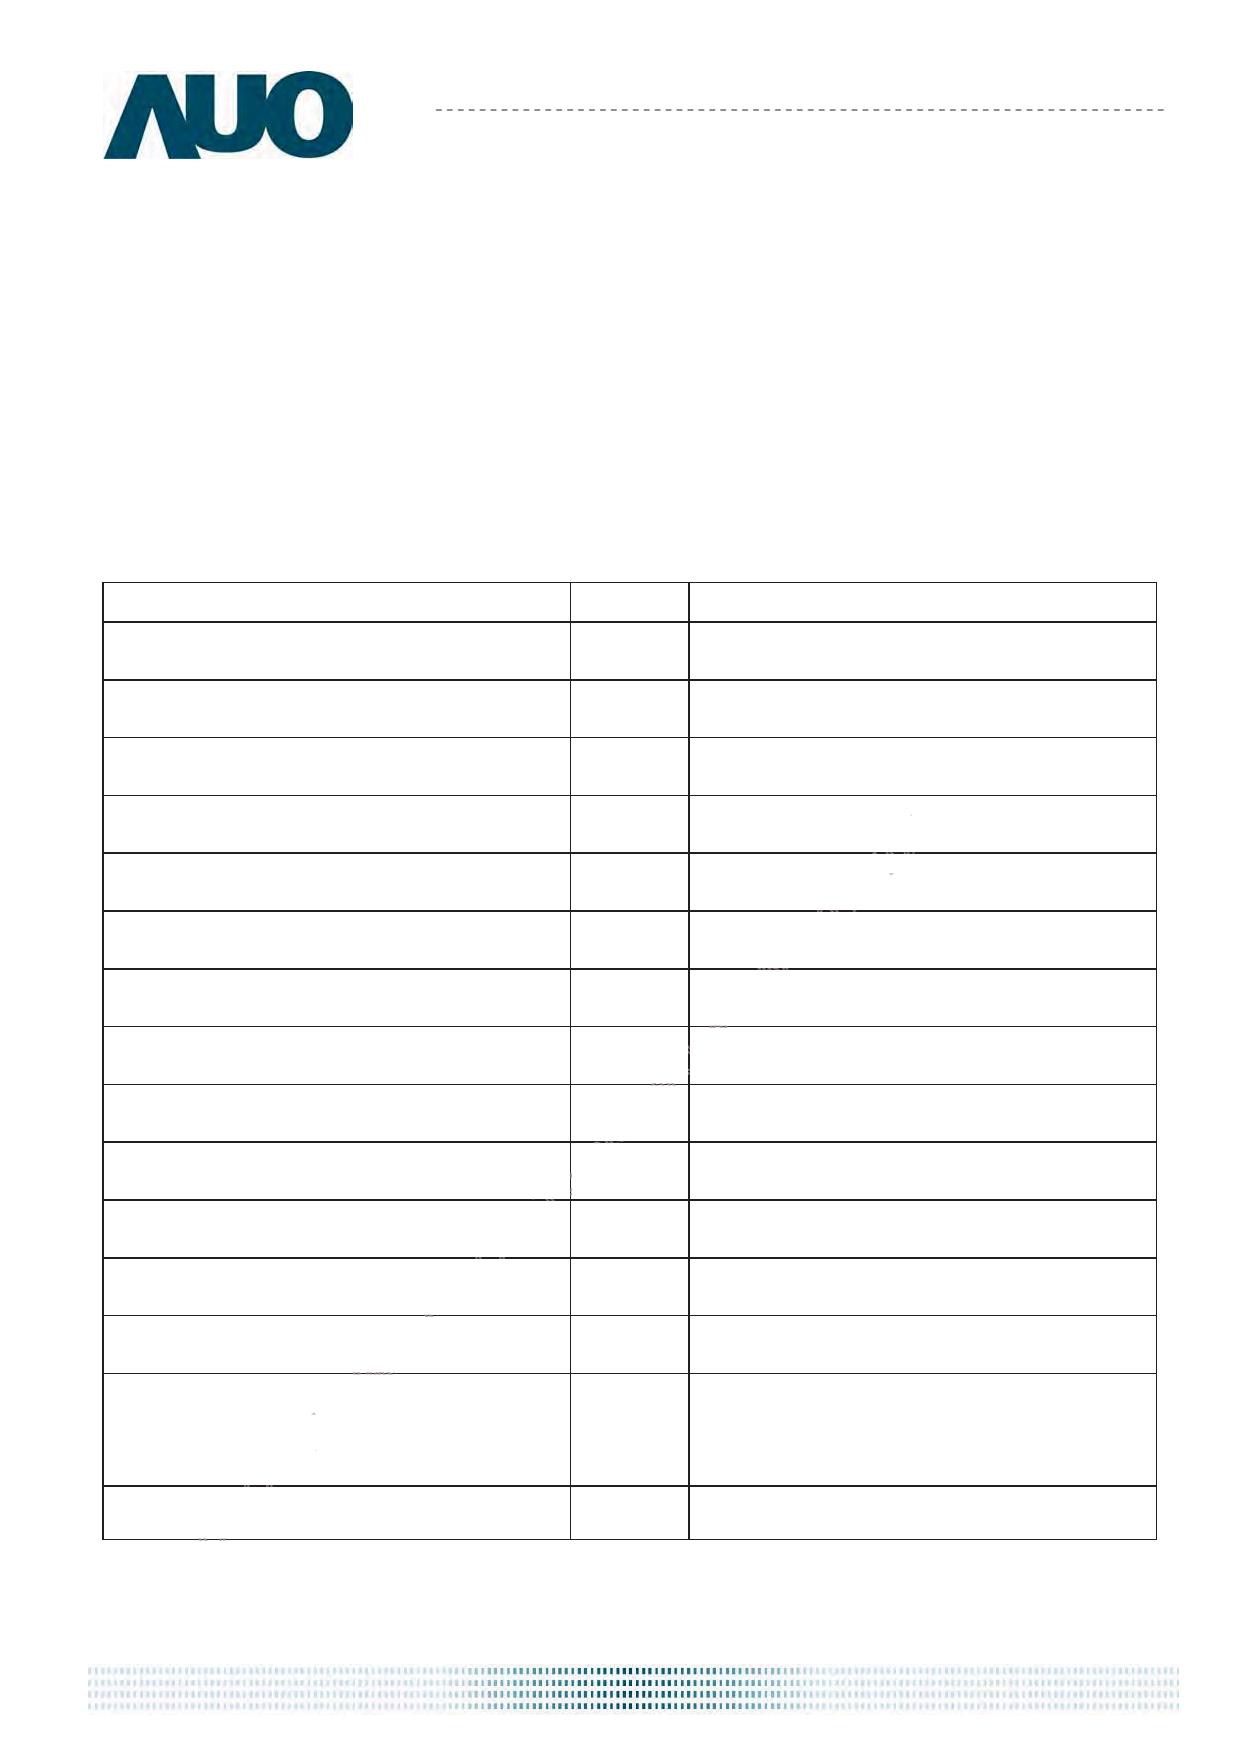 G090VTN02.0 pdf